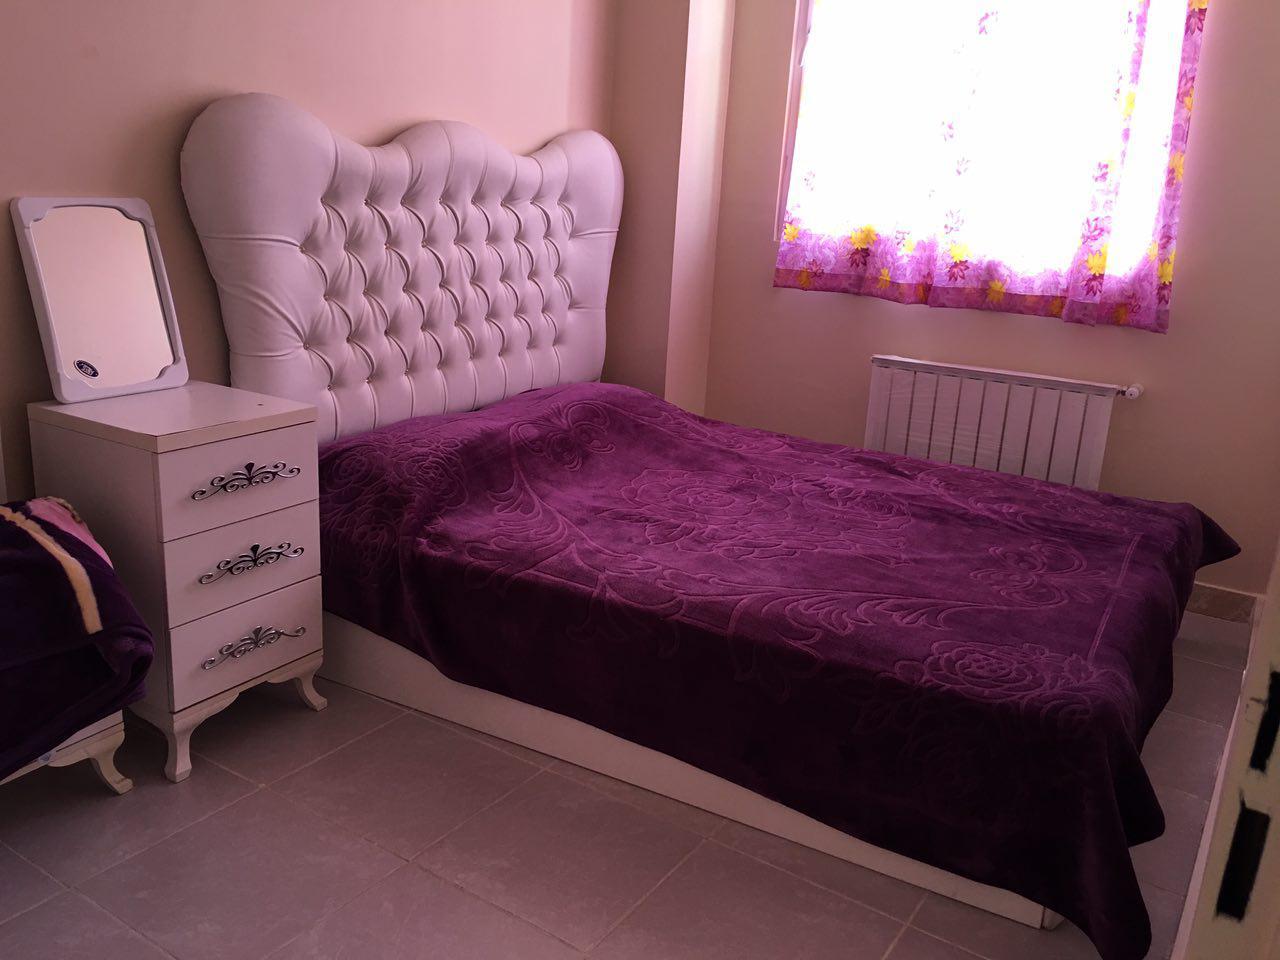 اجاره آپارتمان مبله در اصفهان ZY5712   اسکان لند